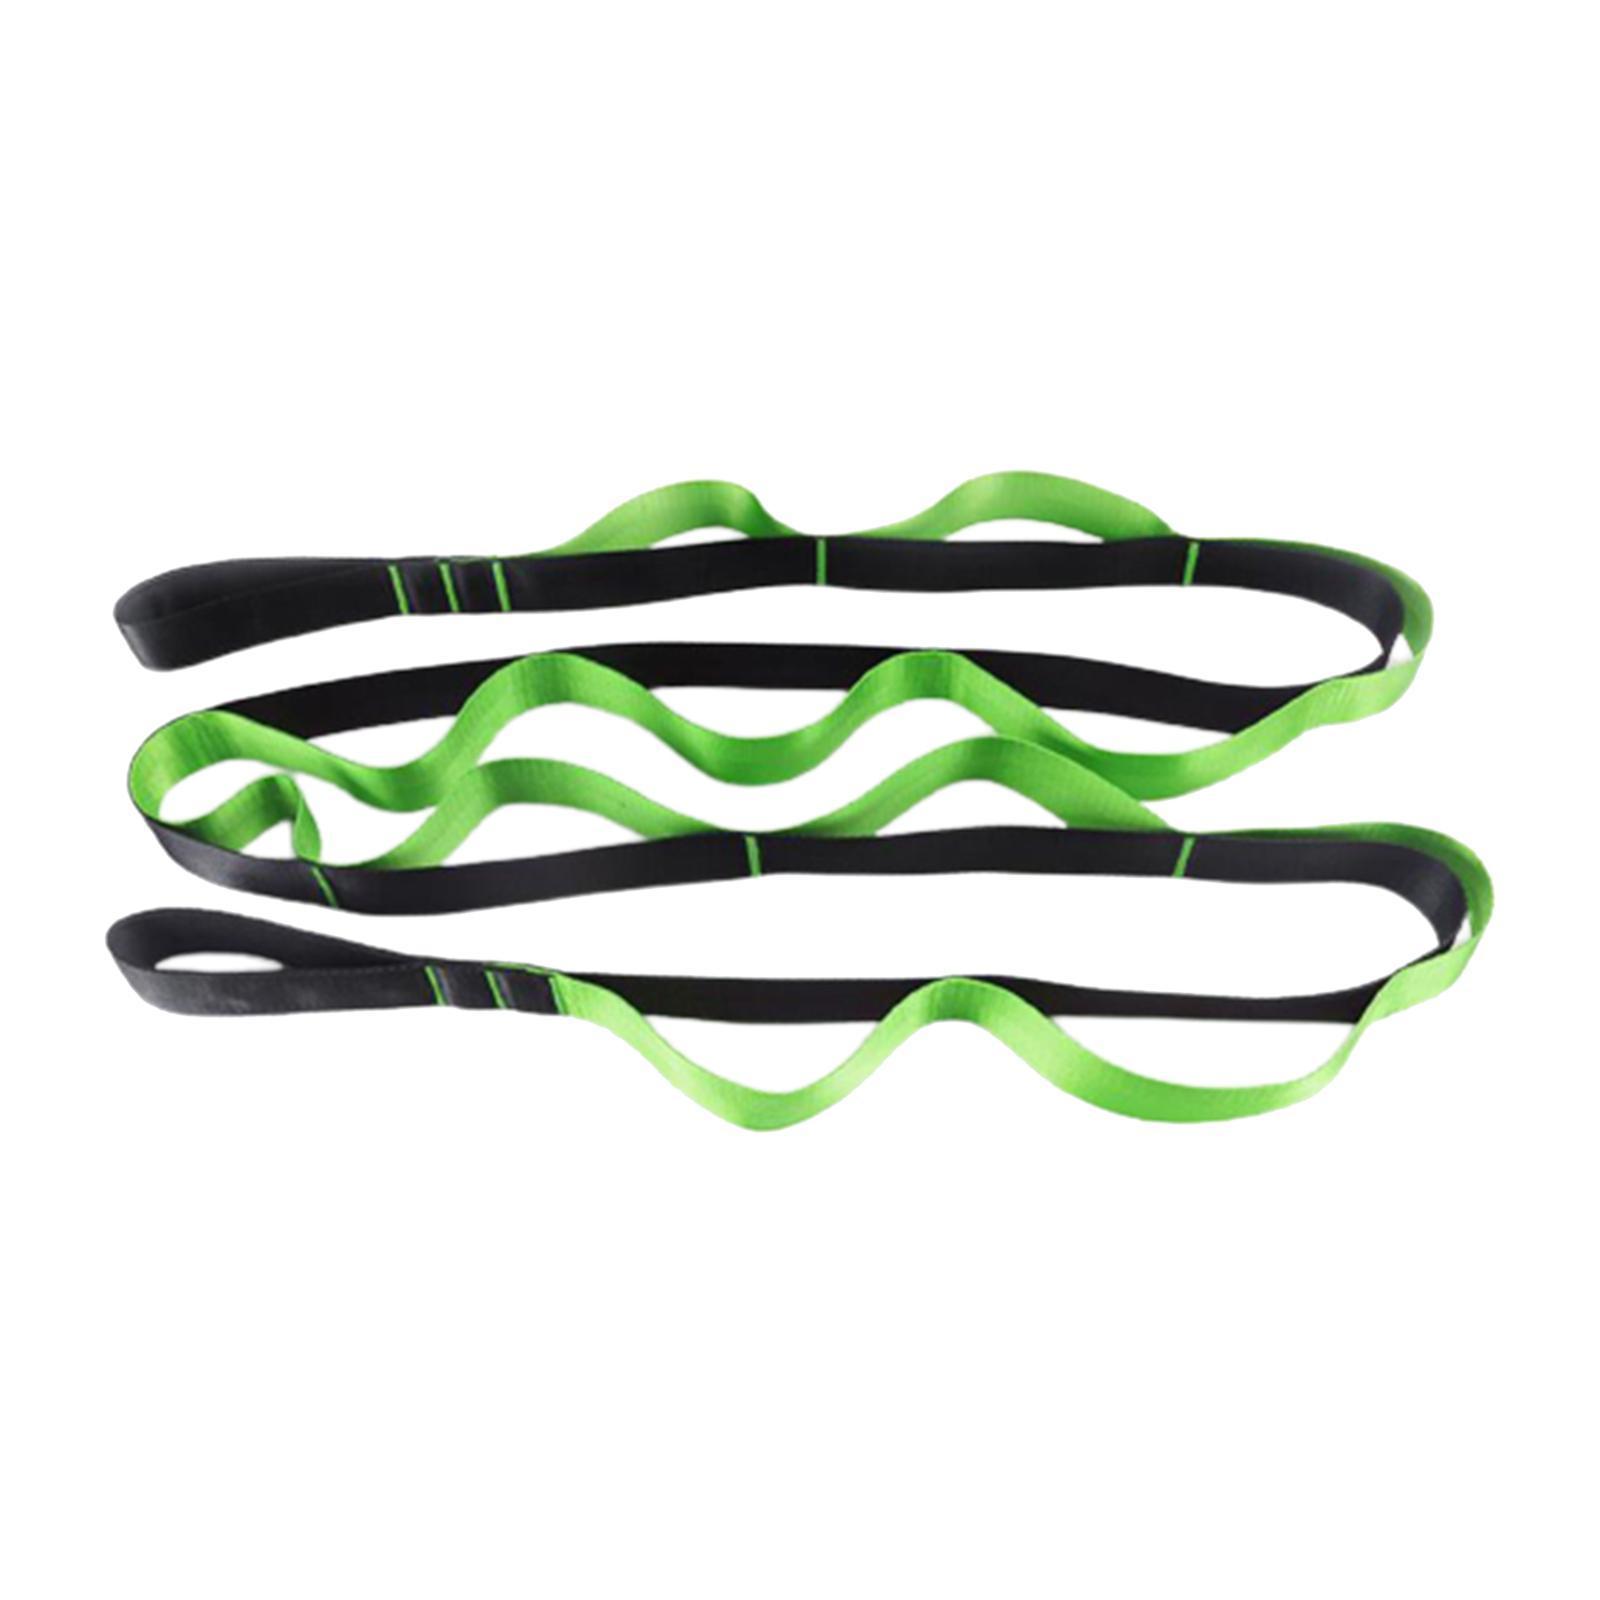 miniatura 22 - Pierna camilla yoga Stretch Strap Latin Dance Gymnastic pull cinturón flexibilidad